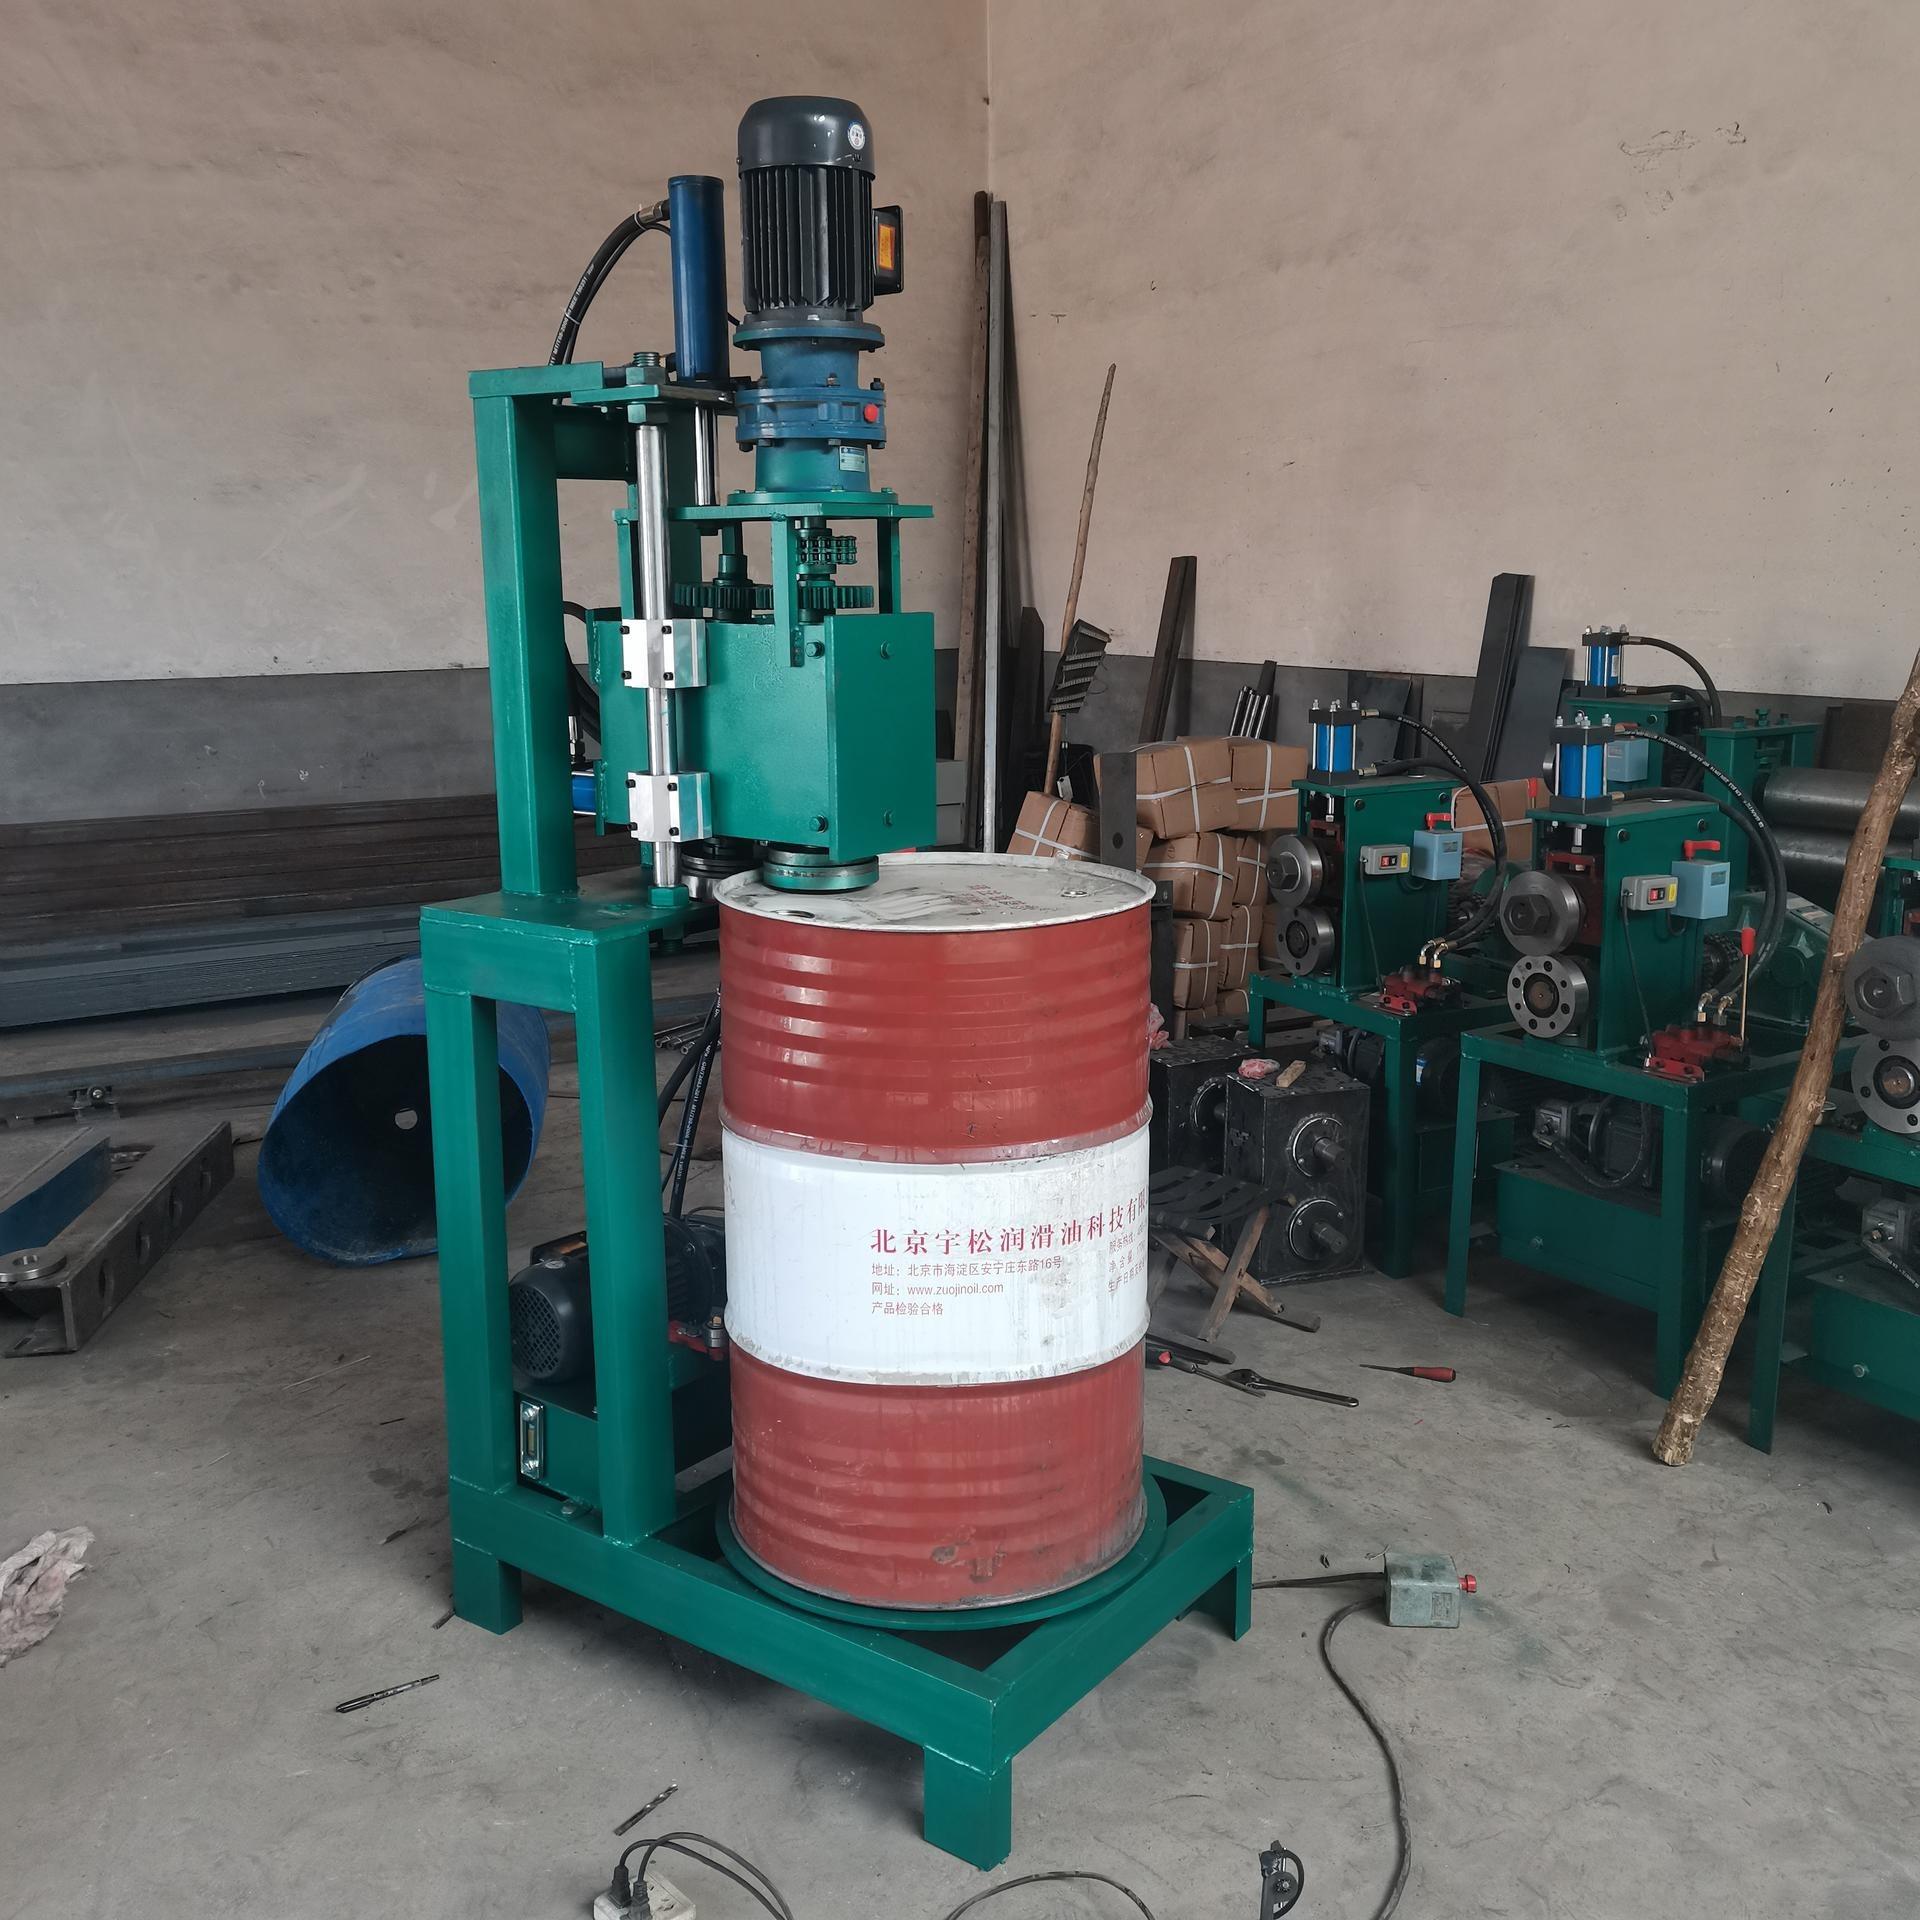 新款立式160型油桶切蓋機 廢舊油桶切蓋機 廢油桶切割機 油桶切身壓平一體切割機廠家